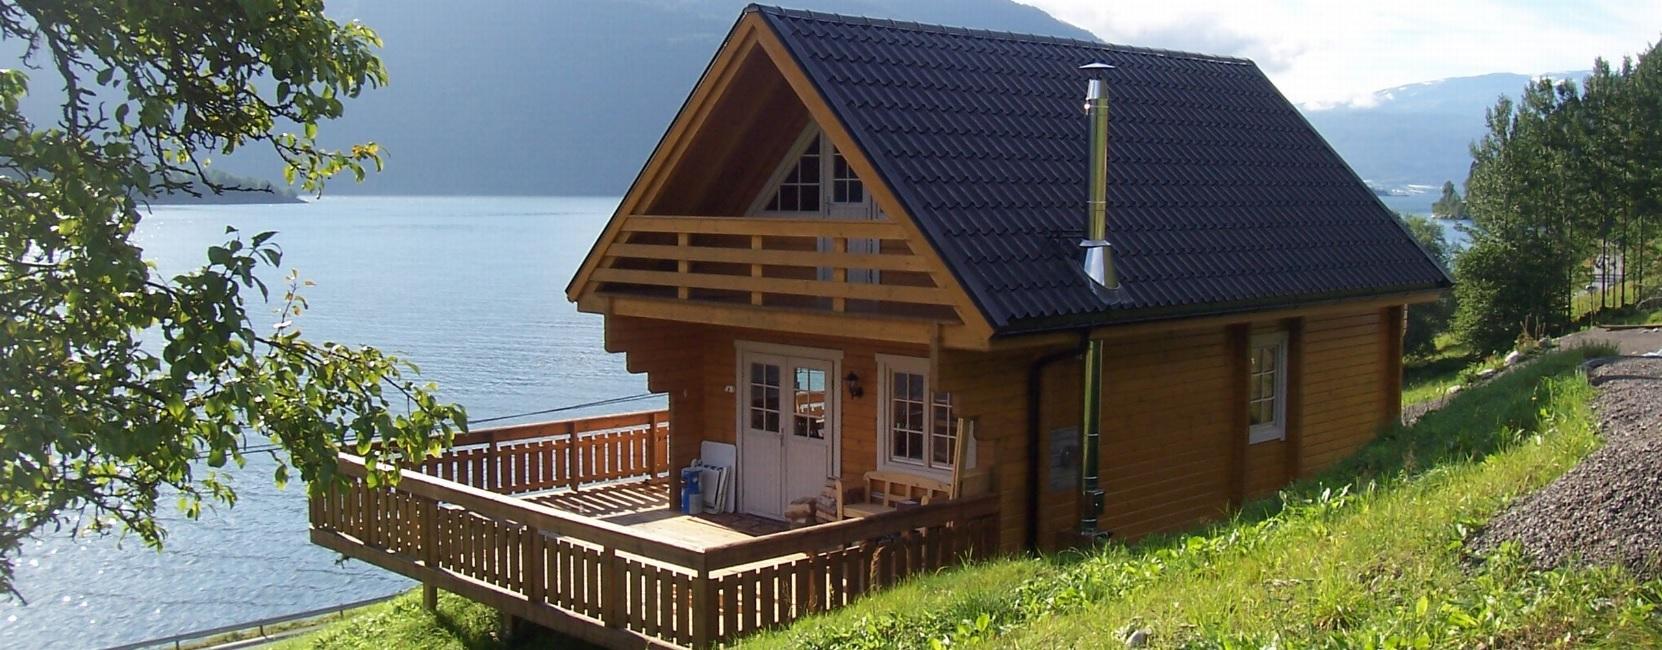 Gartenhäuser - Holzhaus Ferienhäuser Blockhaus Stavanger 5.2x7.8m (94mm)  - Onlineshop Intergard